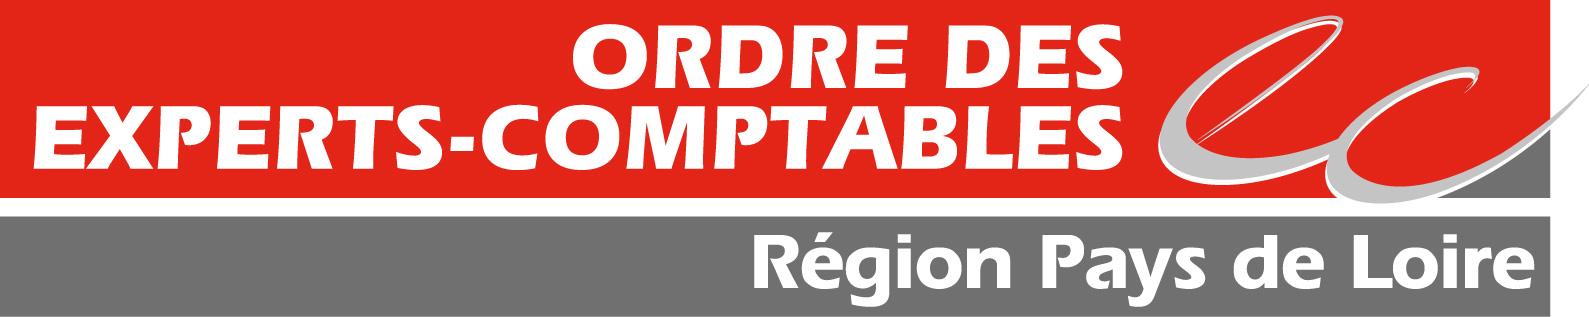 logo_Ordre_des_experts_comptables_pays_loire.jpg